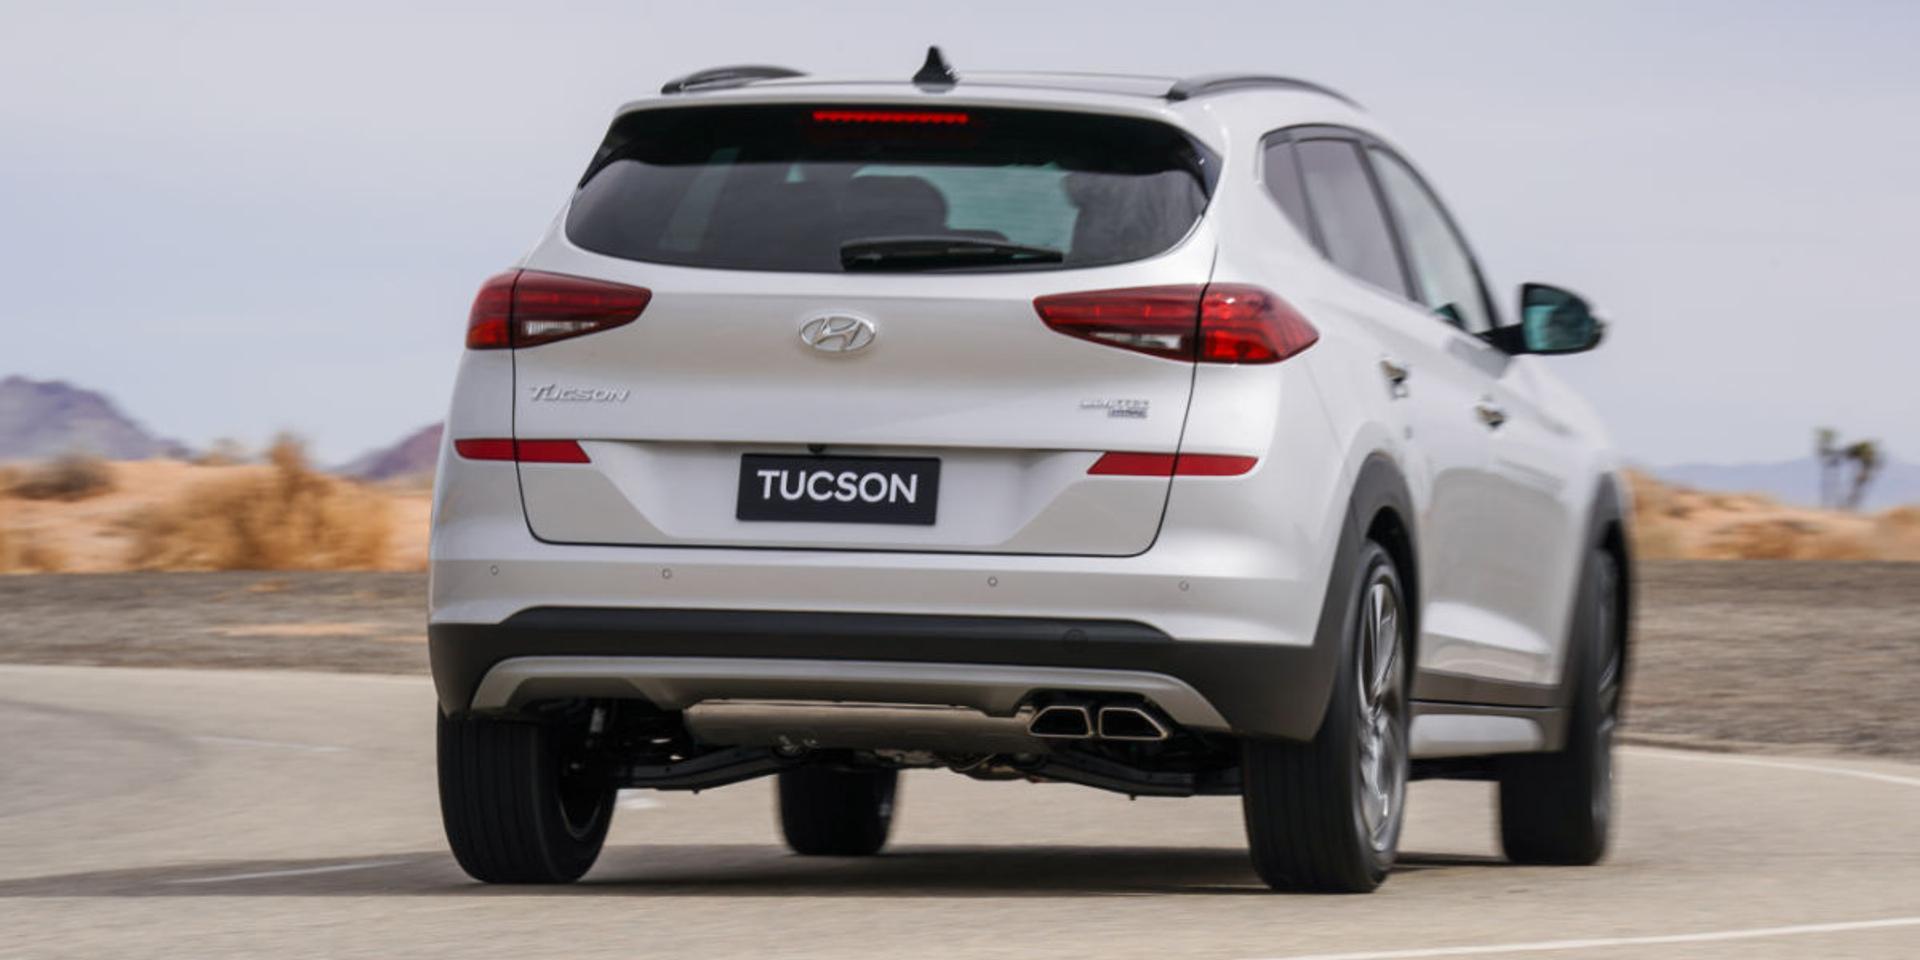 Hyundai Tucson rear view